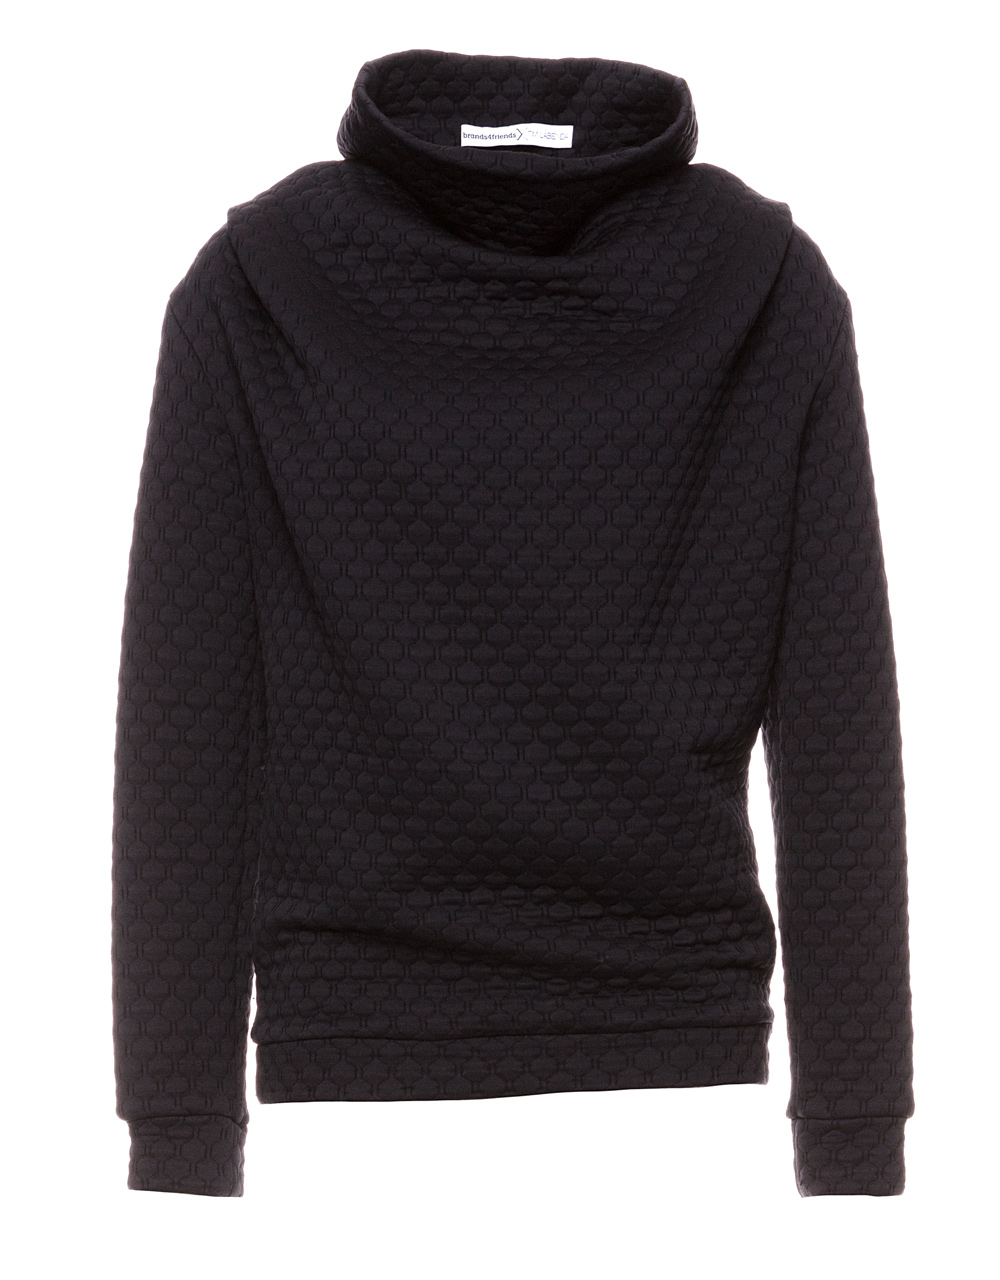 b4fXtimlabenda_Sweater_EUR249